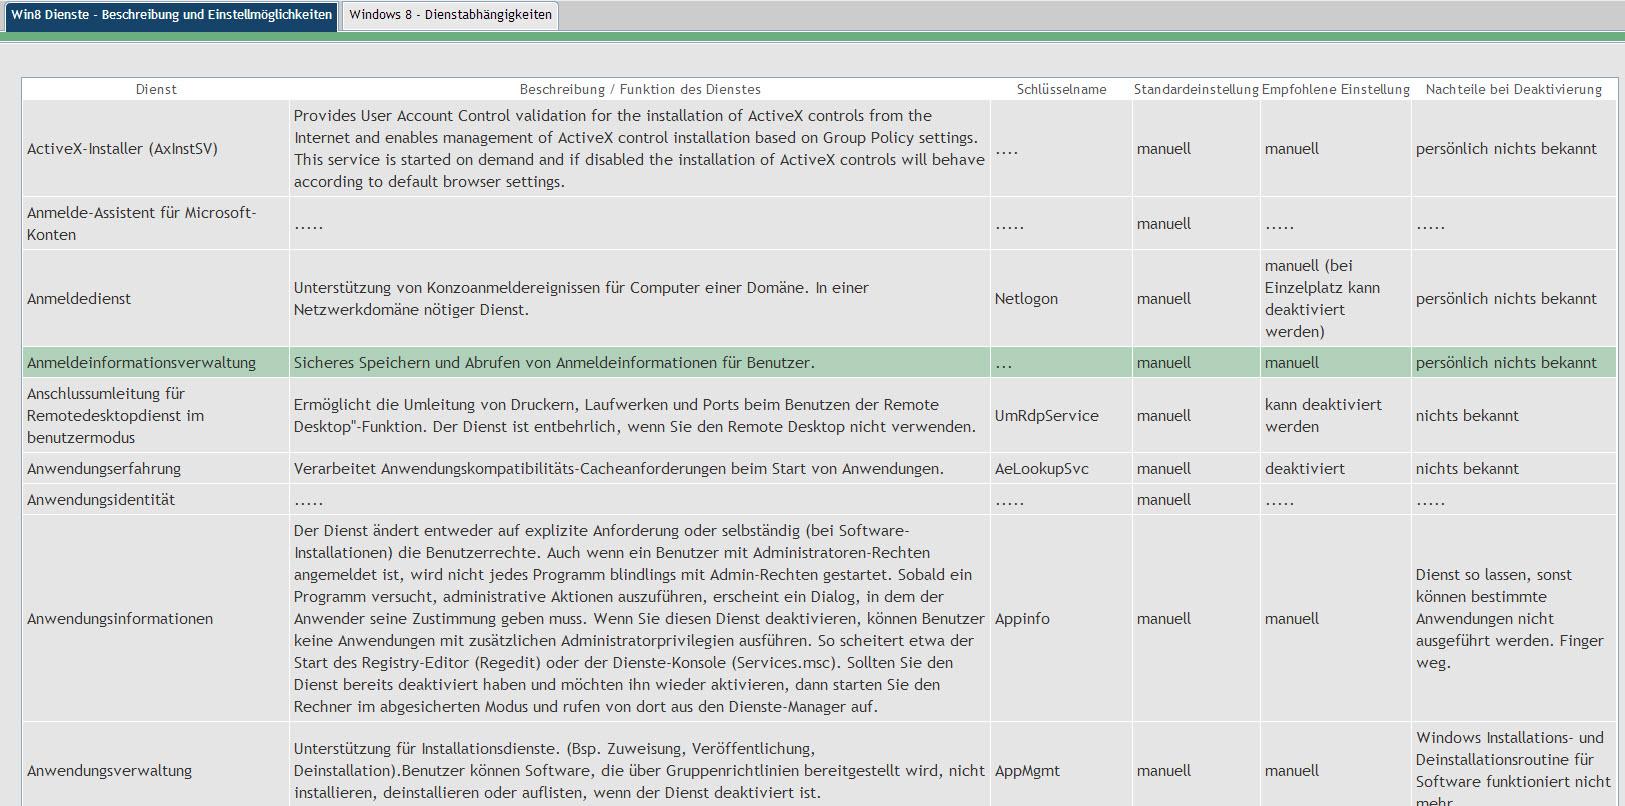 Dienst-Übersichten von Windows 7 und Windows 8 (mit Umfrage)